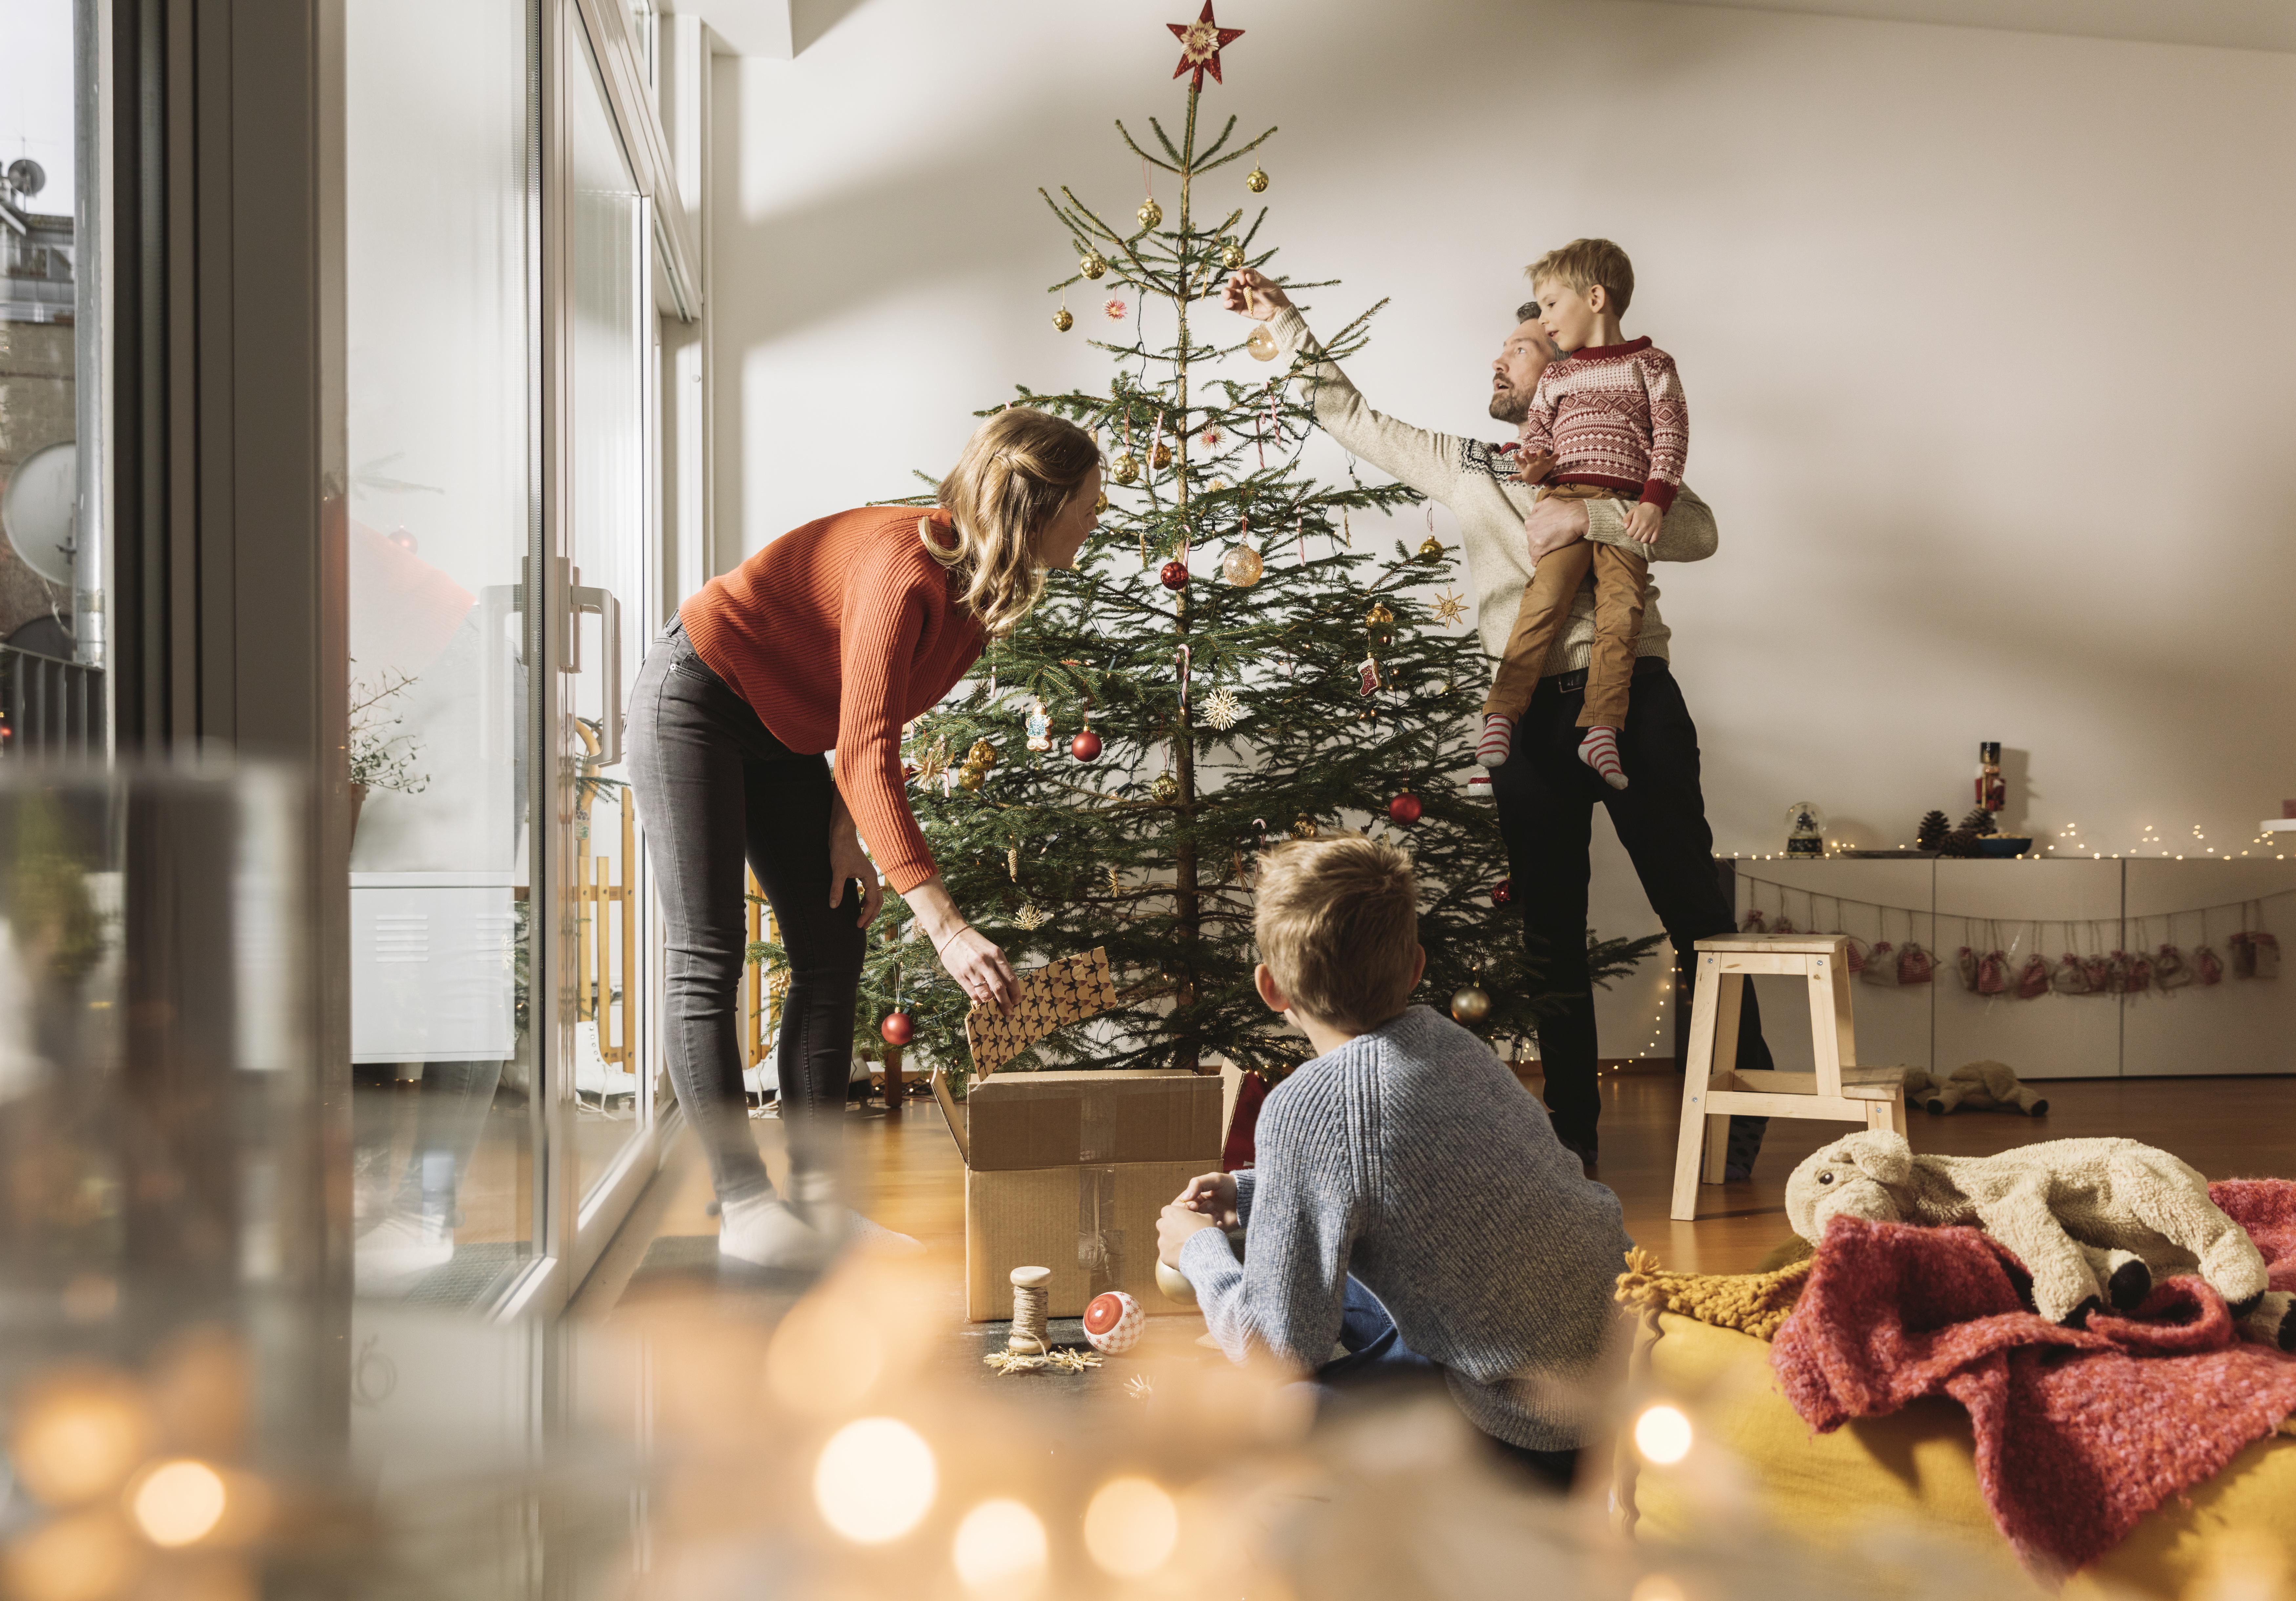 Семья Рождественская елка